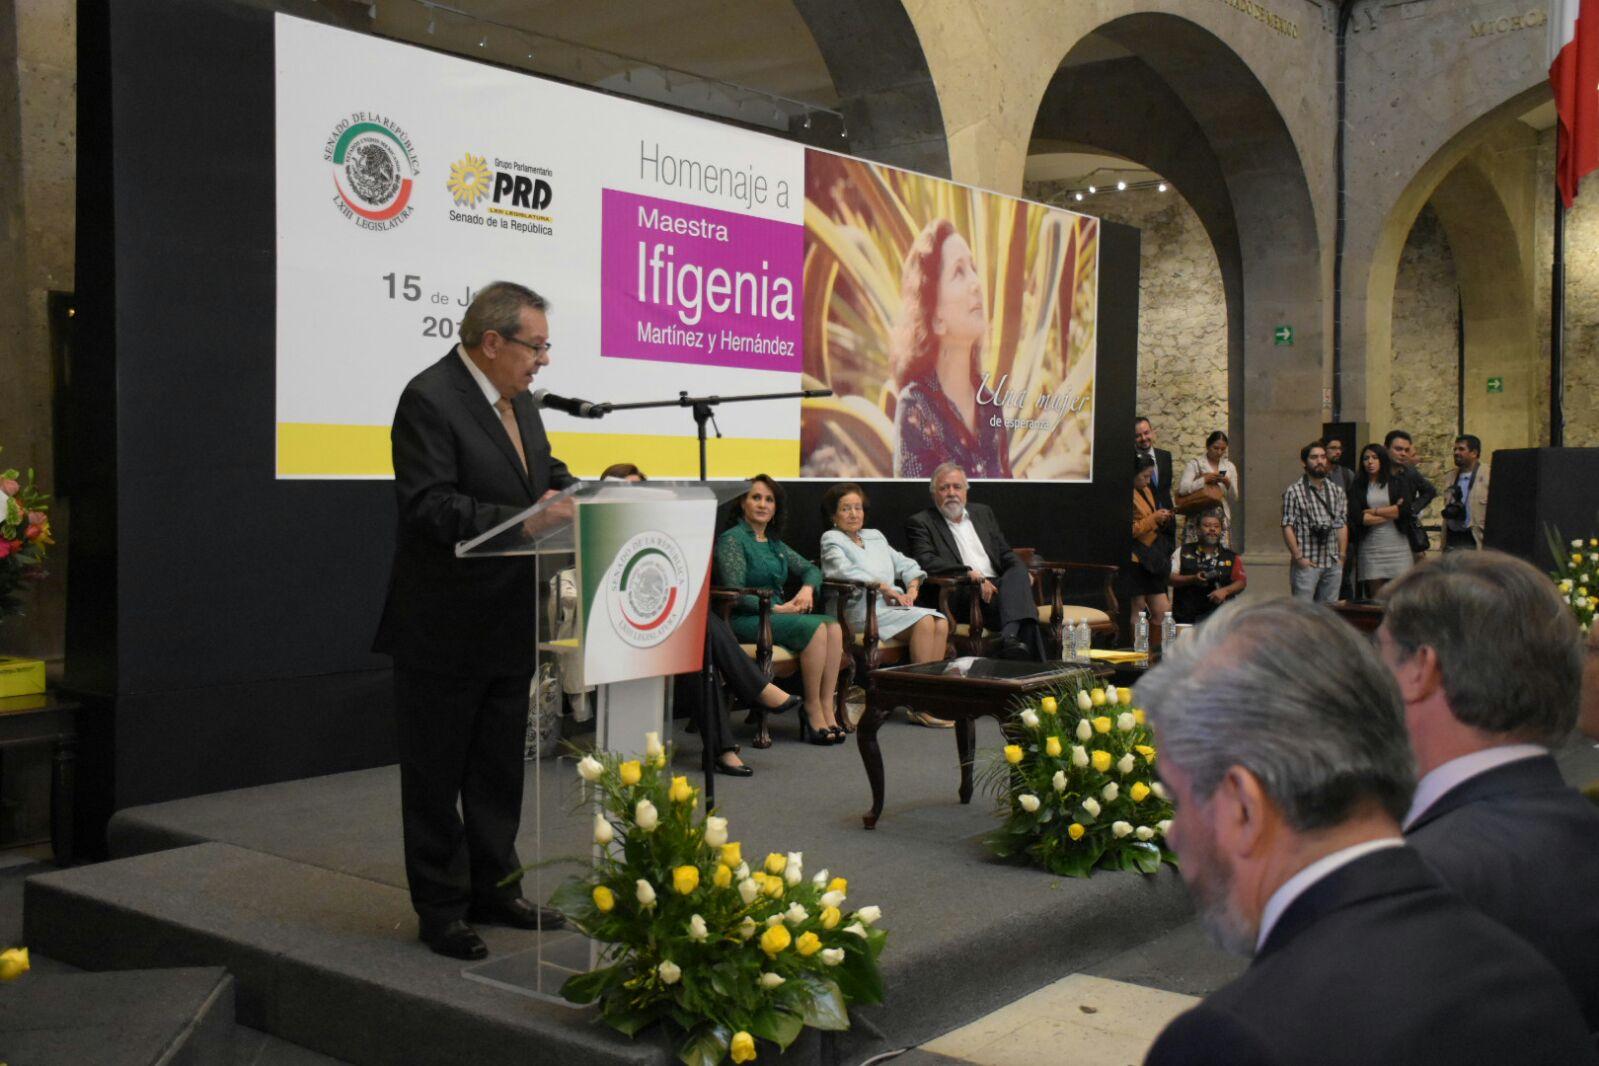 Porfirio Muñoz Ledo en el Homenaje a la Maestra Ifigenia Martínez.